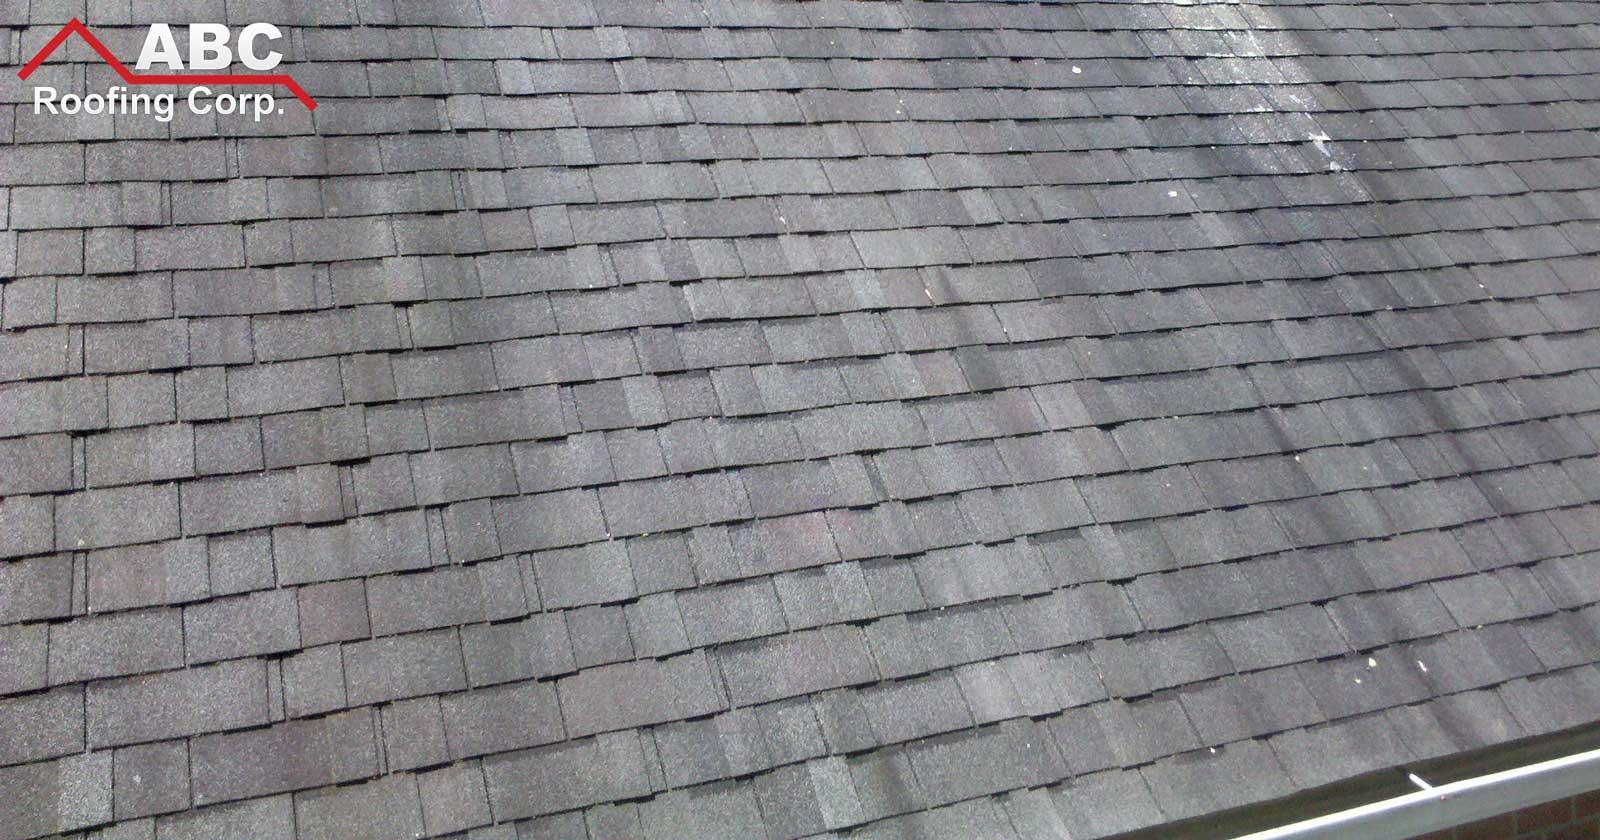 roof leak repair mistakes